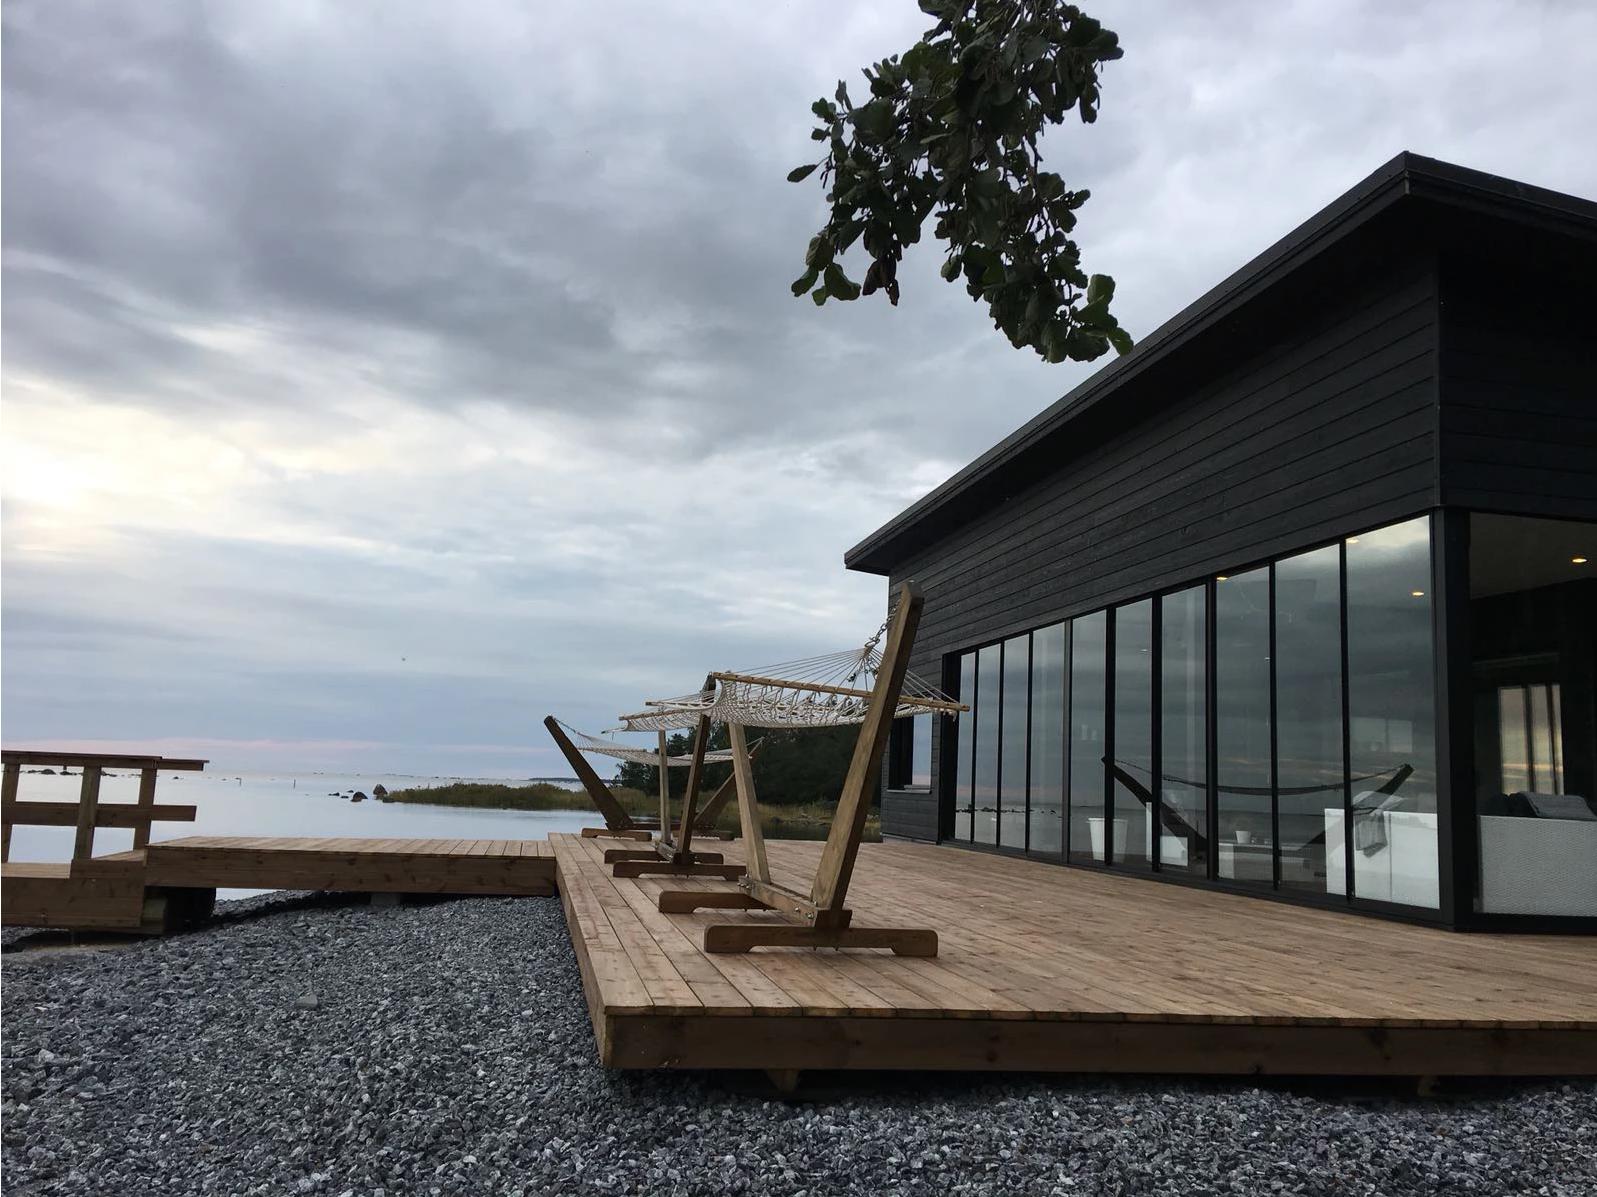 Eumer / Sea Panorama – varaa häähuvila Venuu.fi:stä